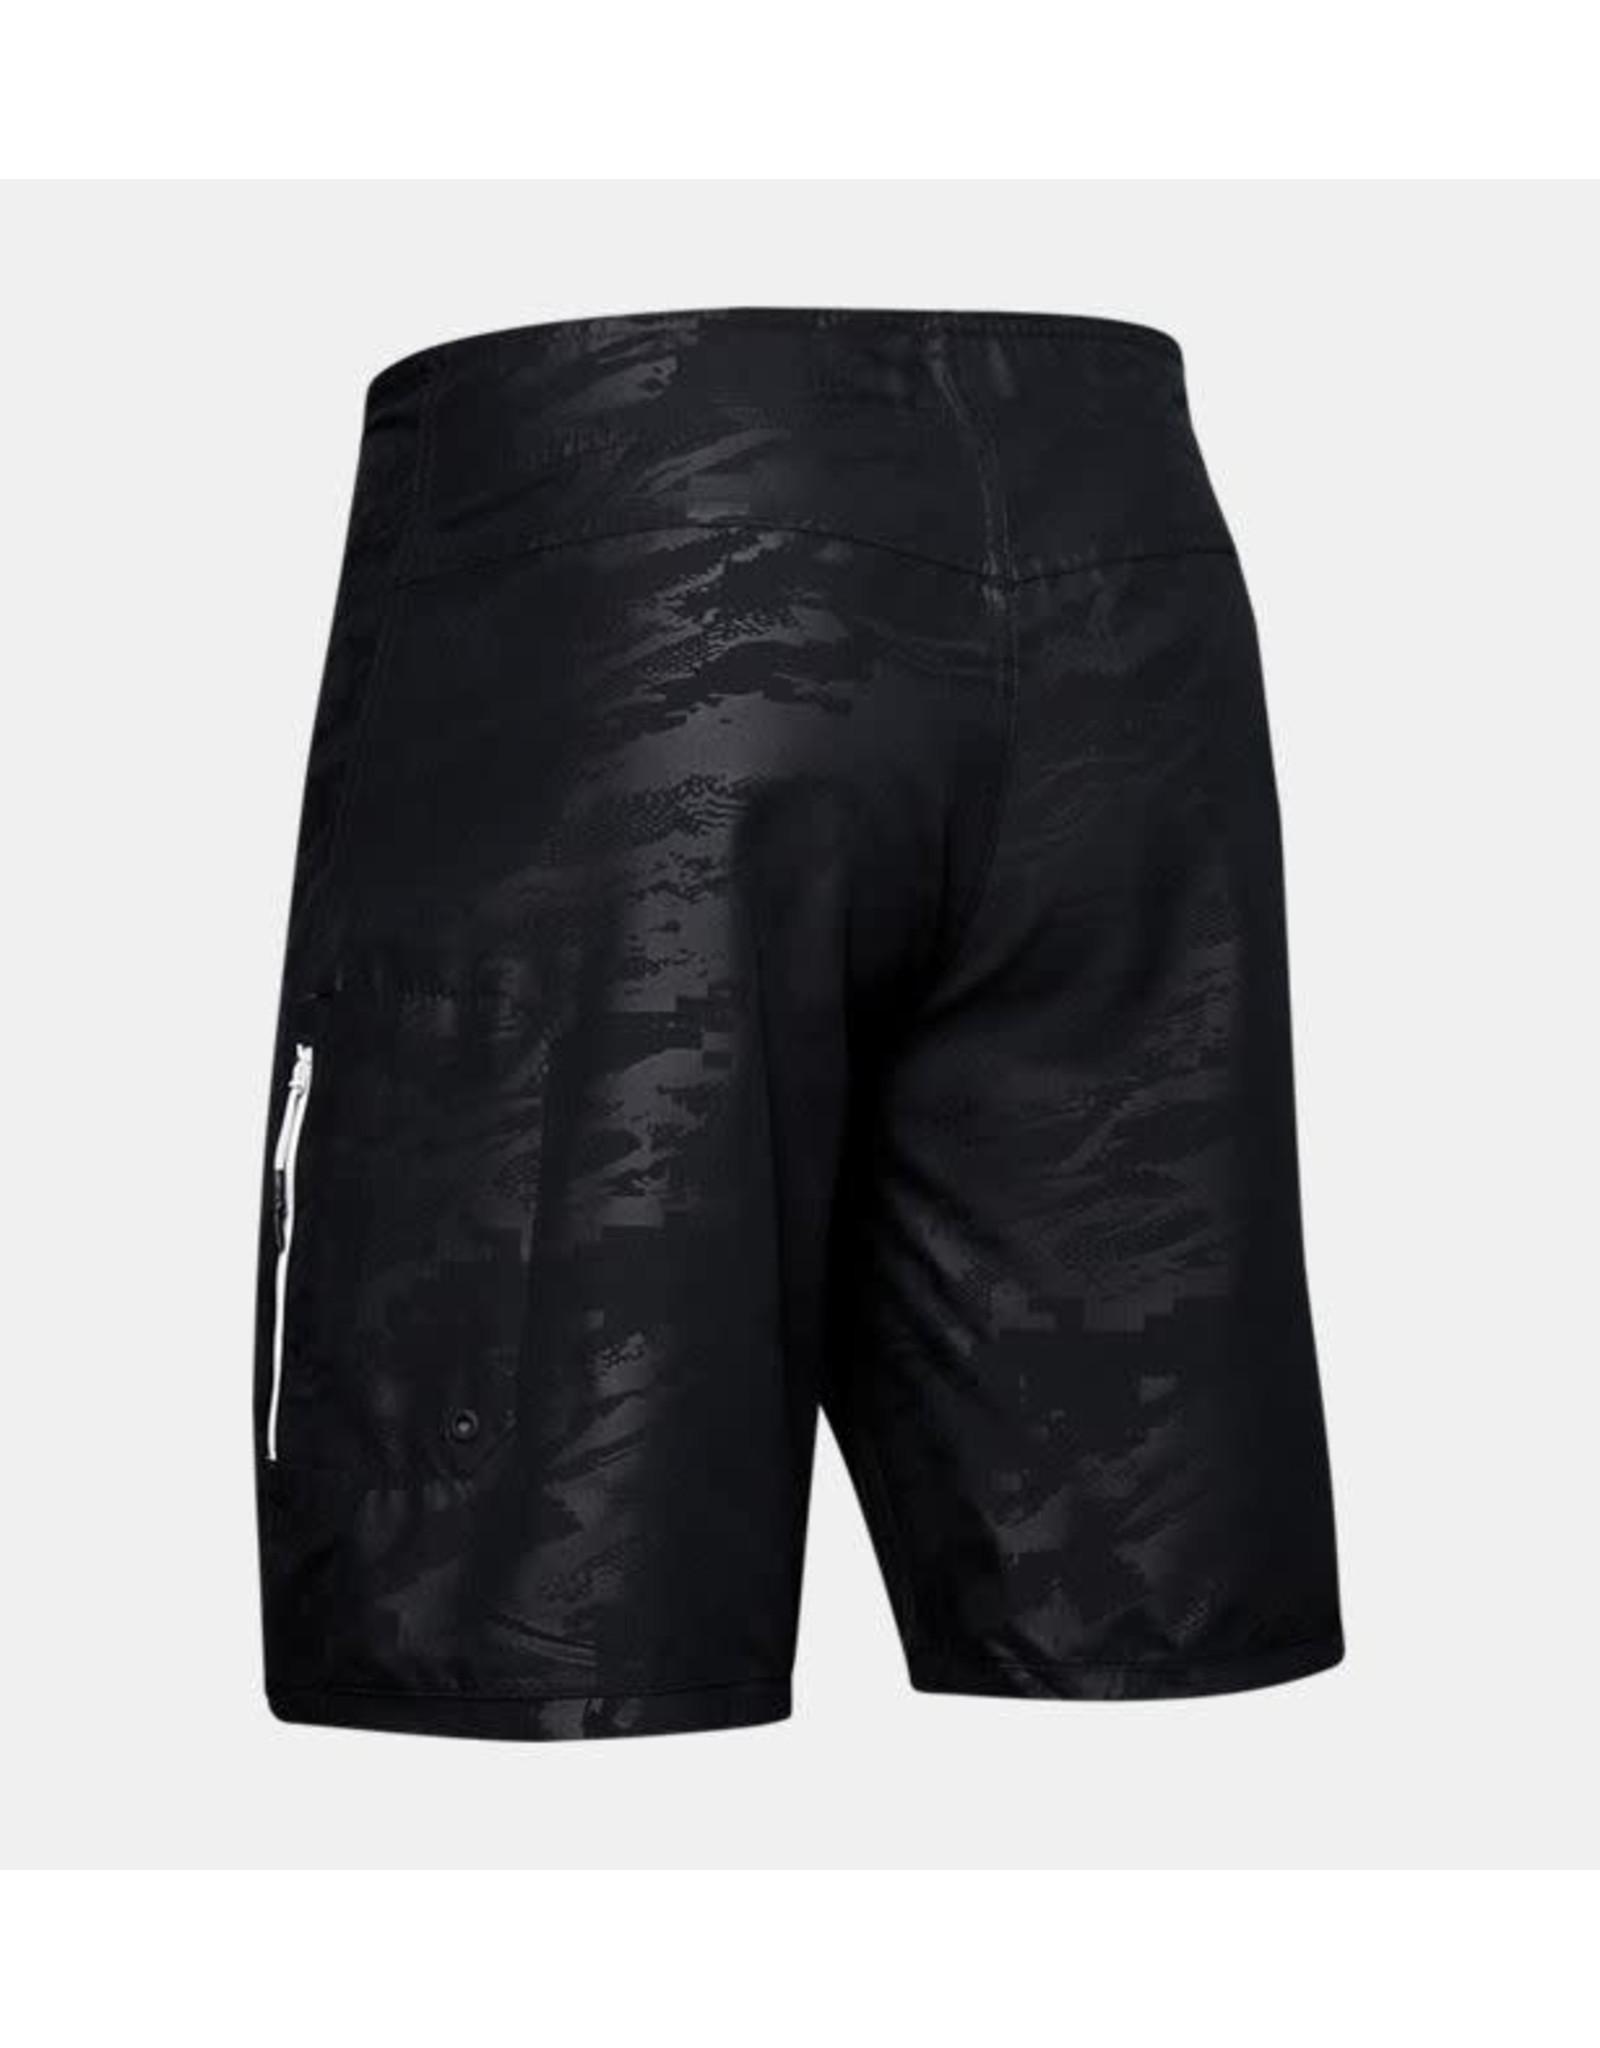 Under Armour Shore Break Emboss Boardshort - black